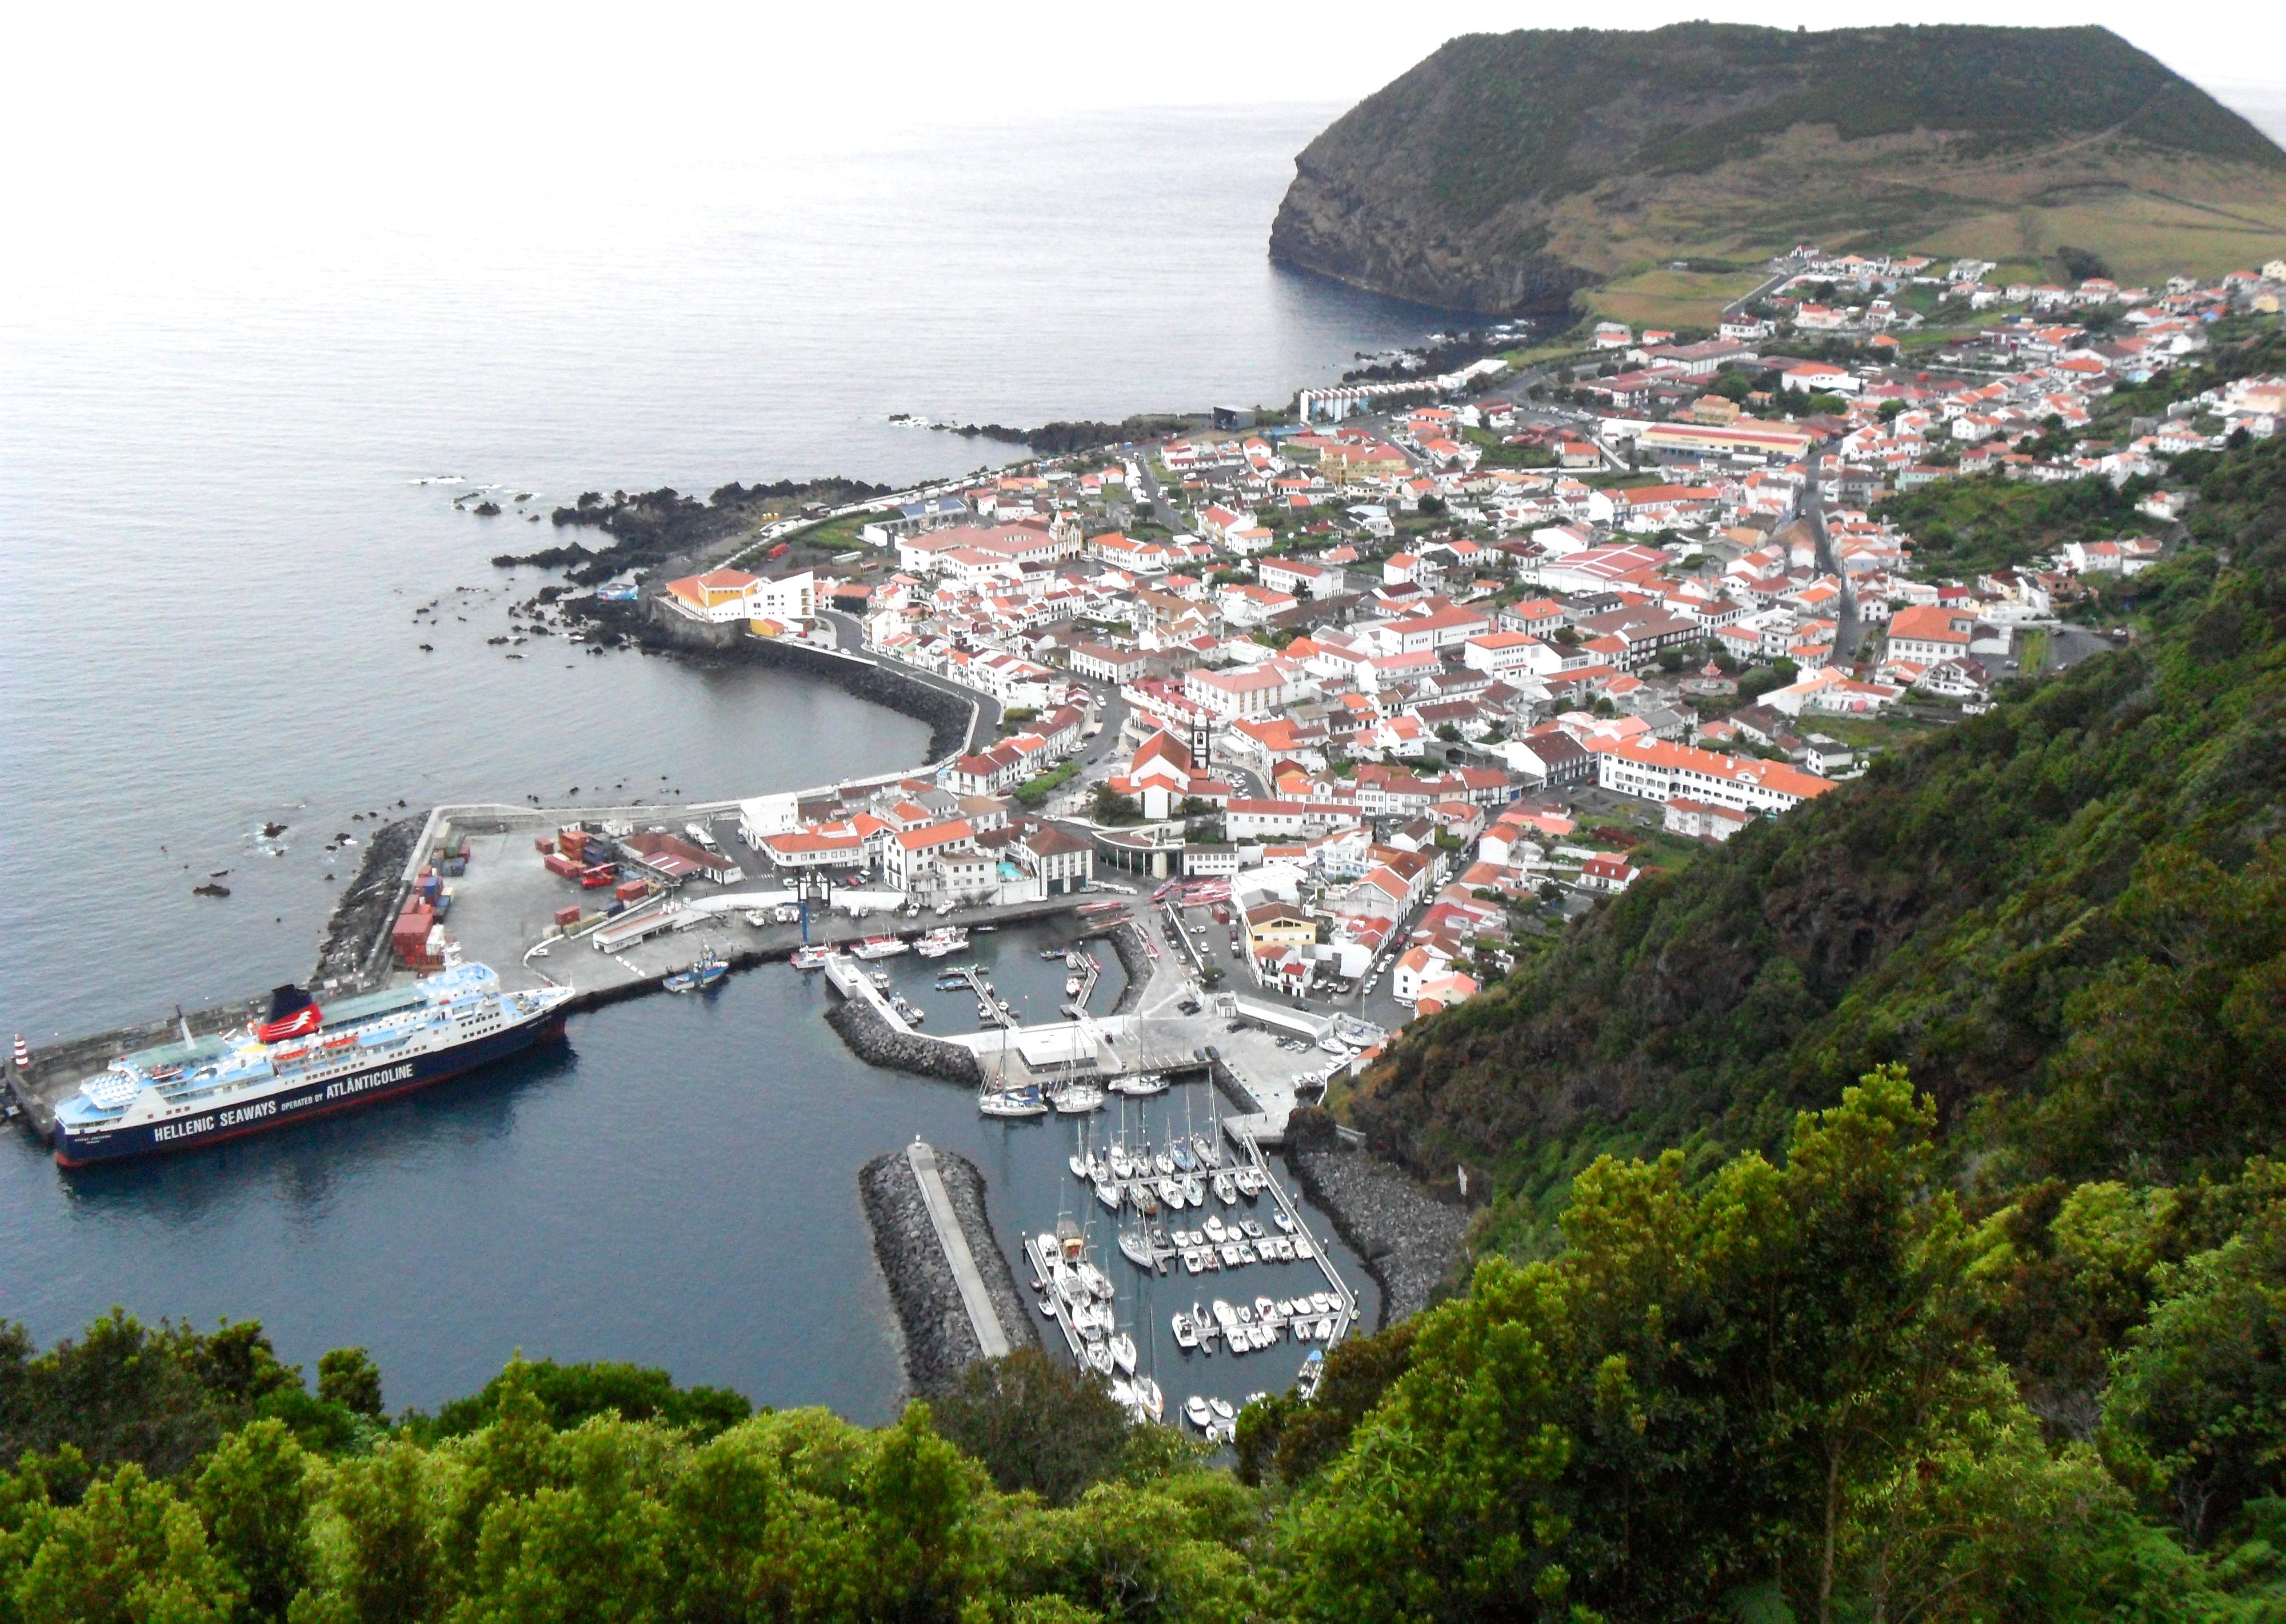 Port de Velas, Sao Jorge